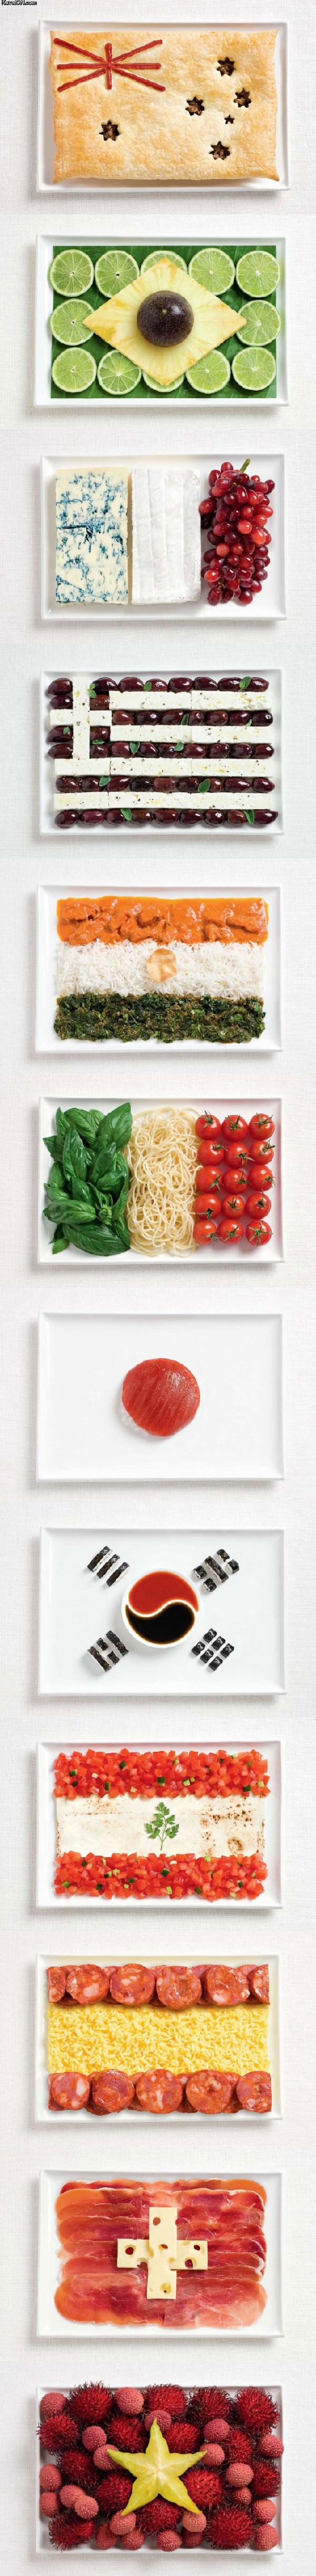 food as flags